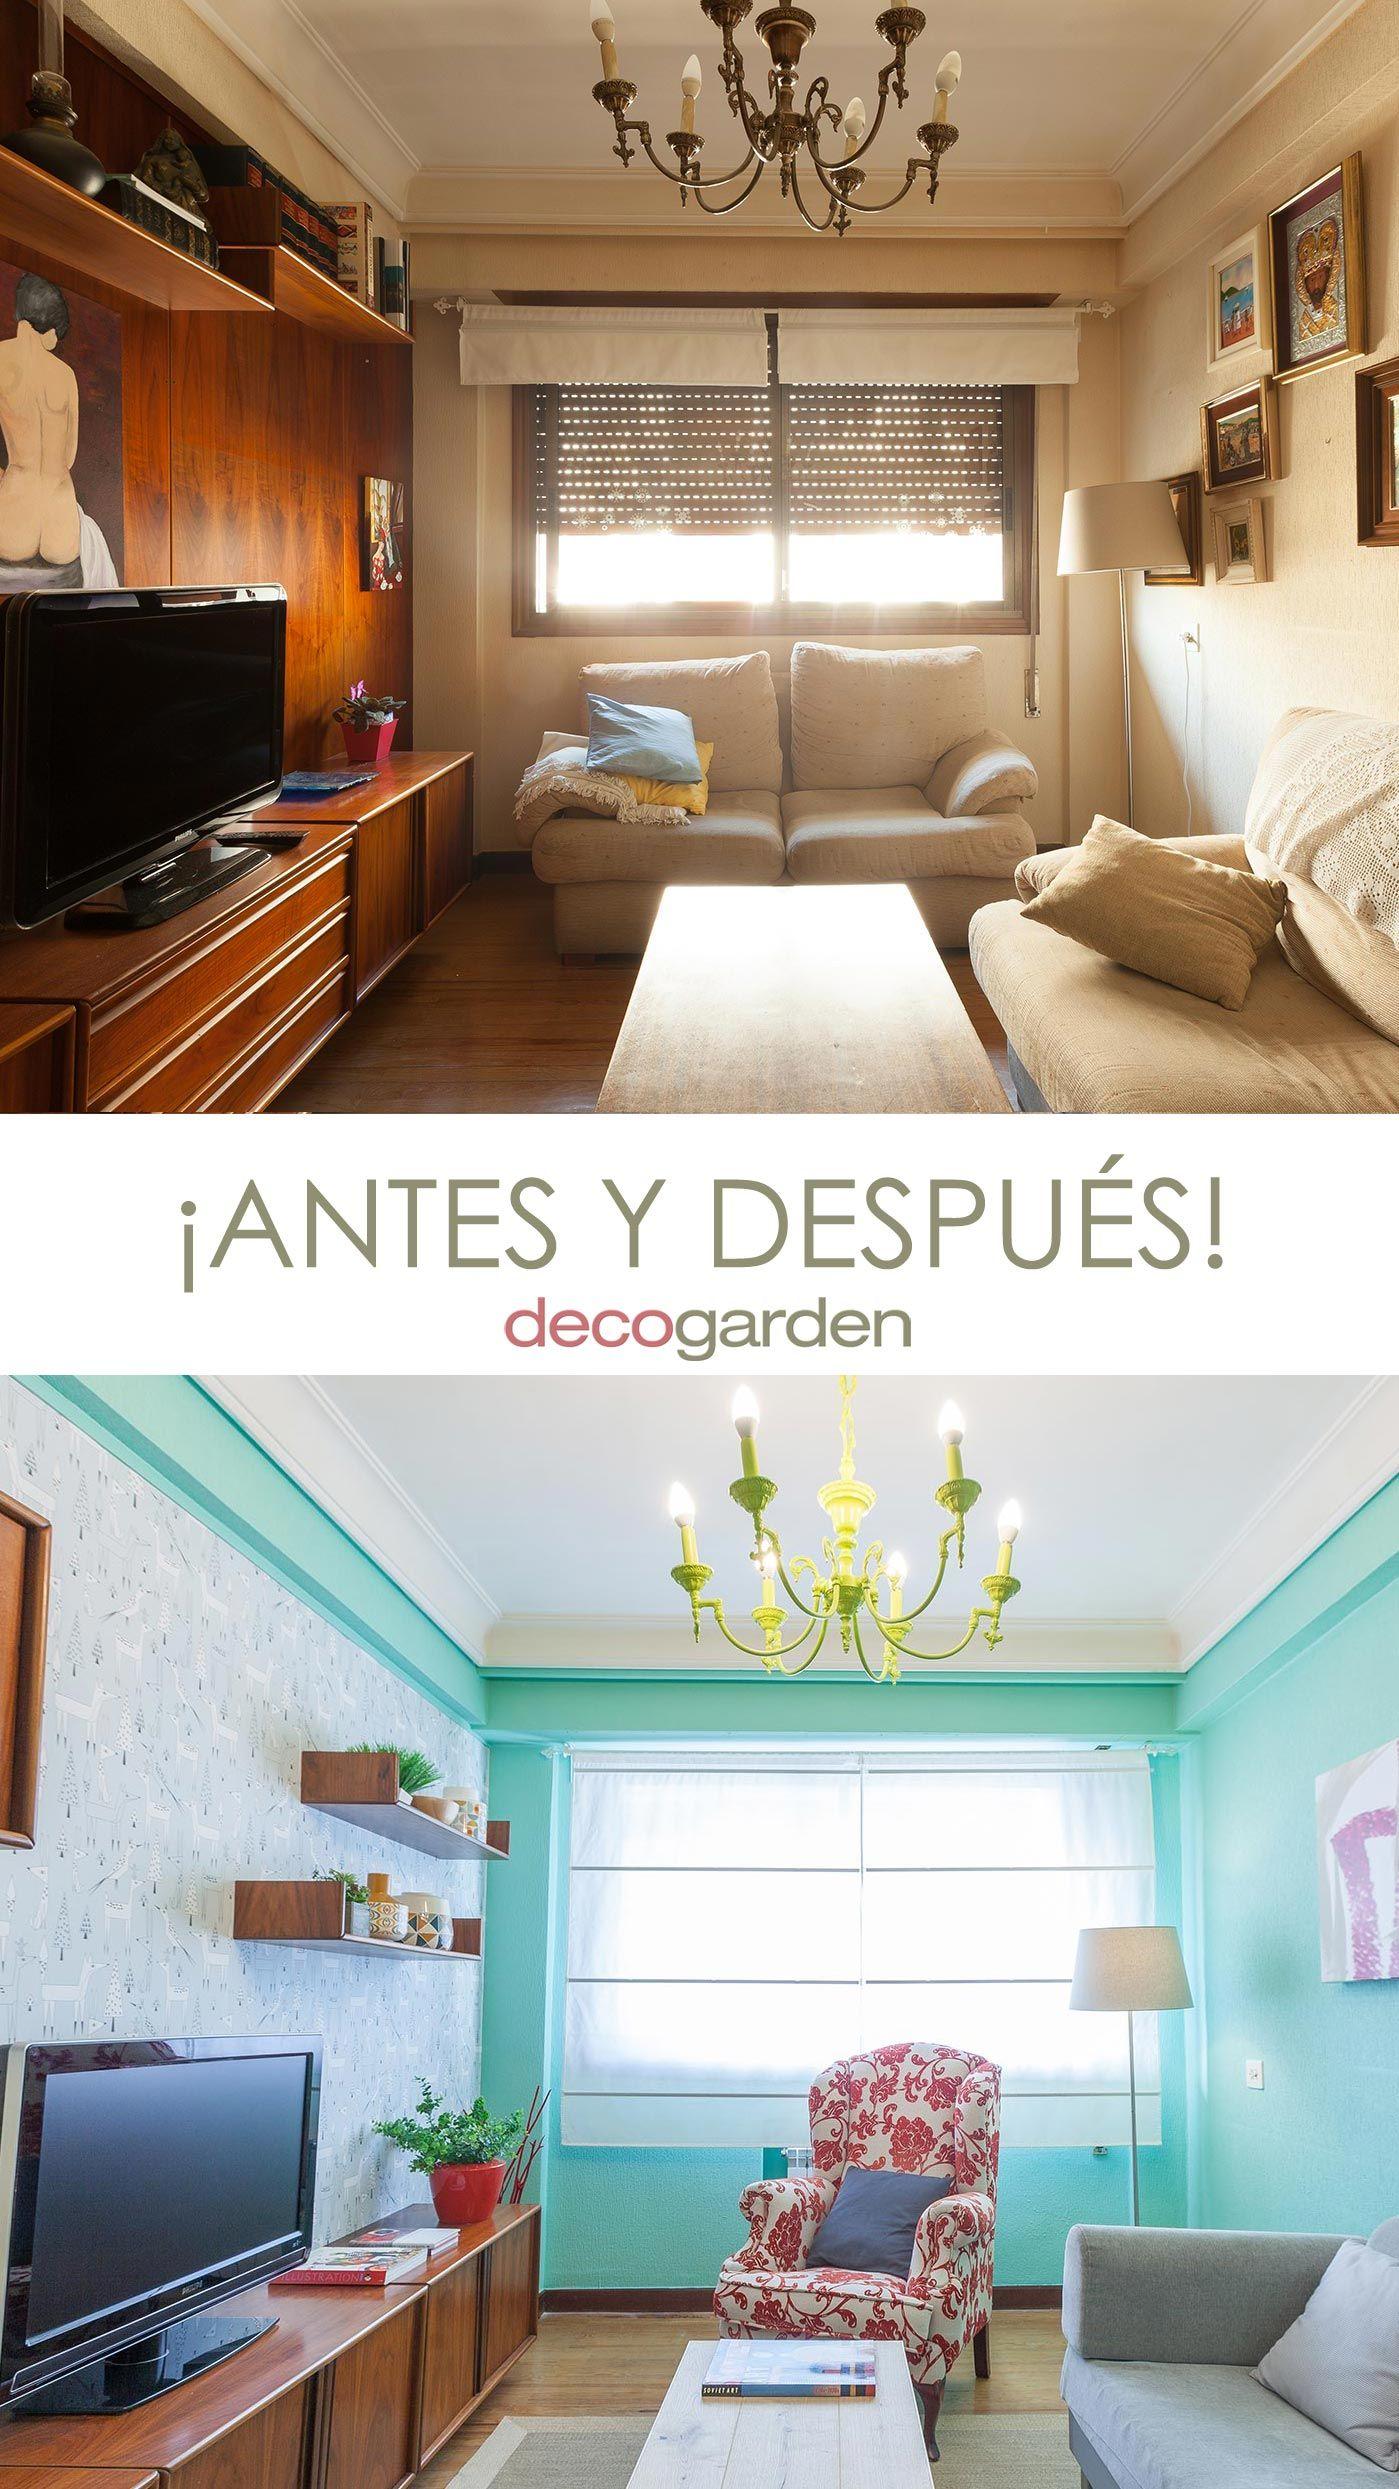 Decorar sala pequeña en color verde - antes y después